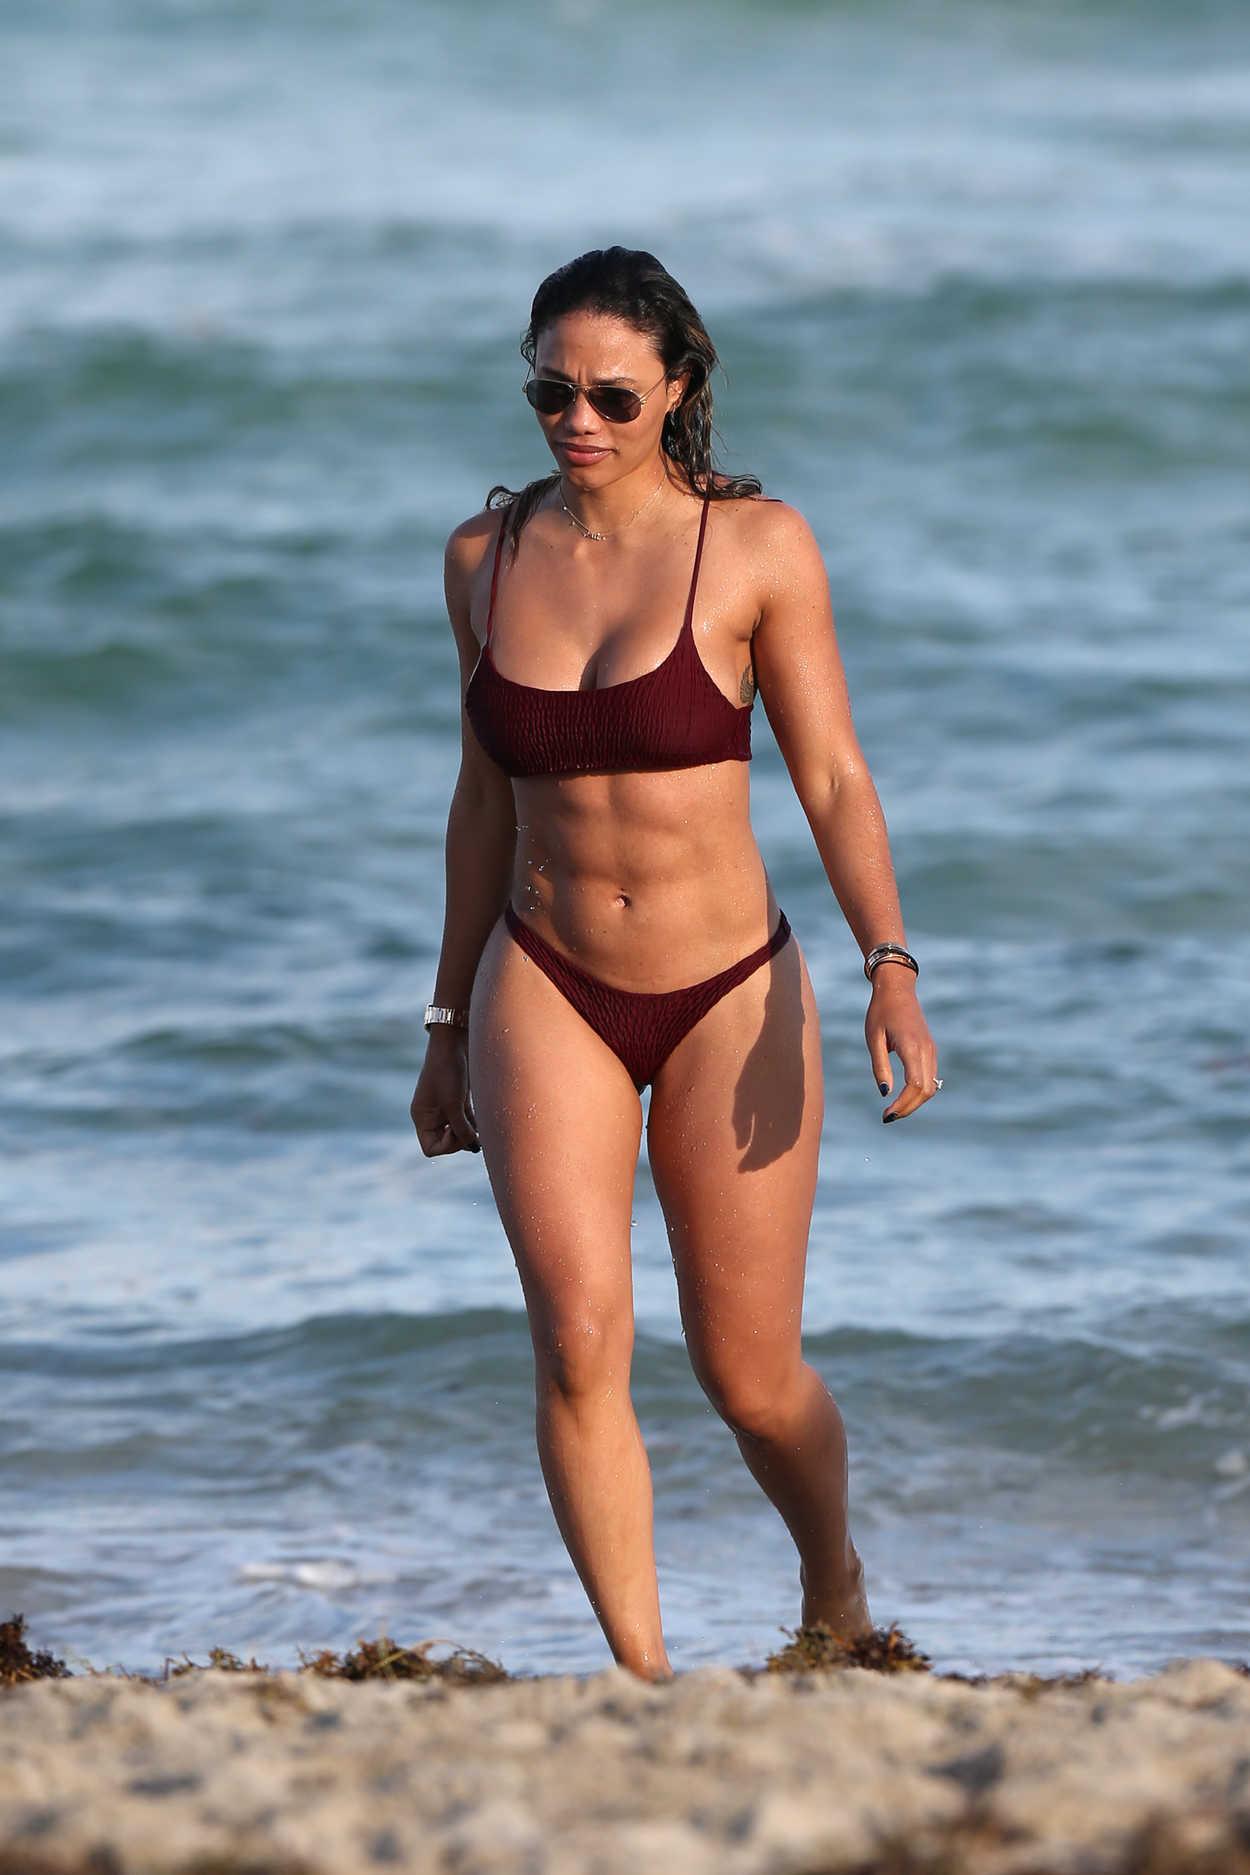 Jessica Ledon In Bikini On The Beach In Miami 11232018 -3321